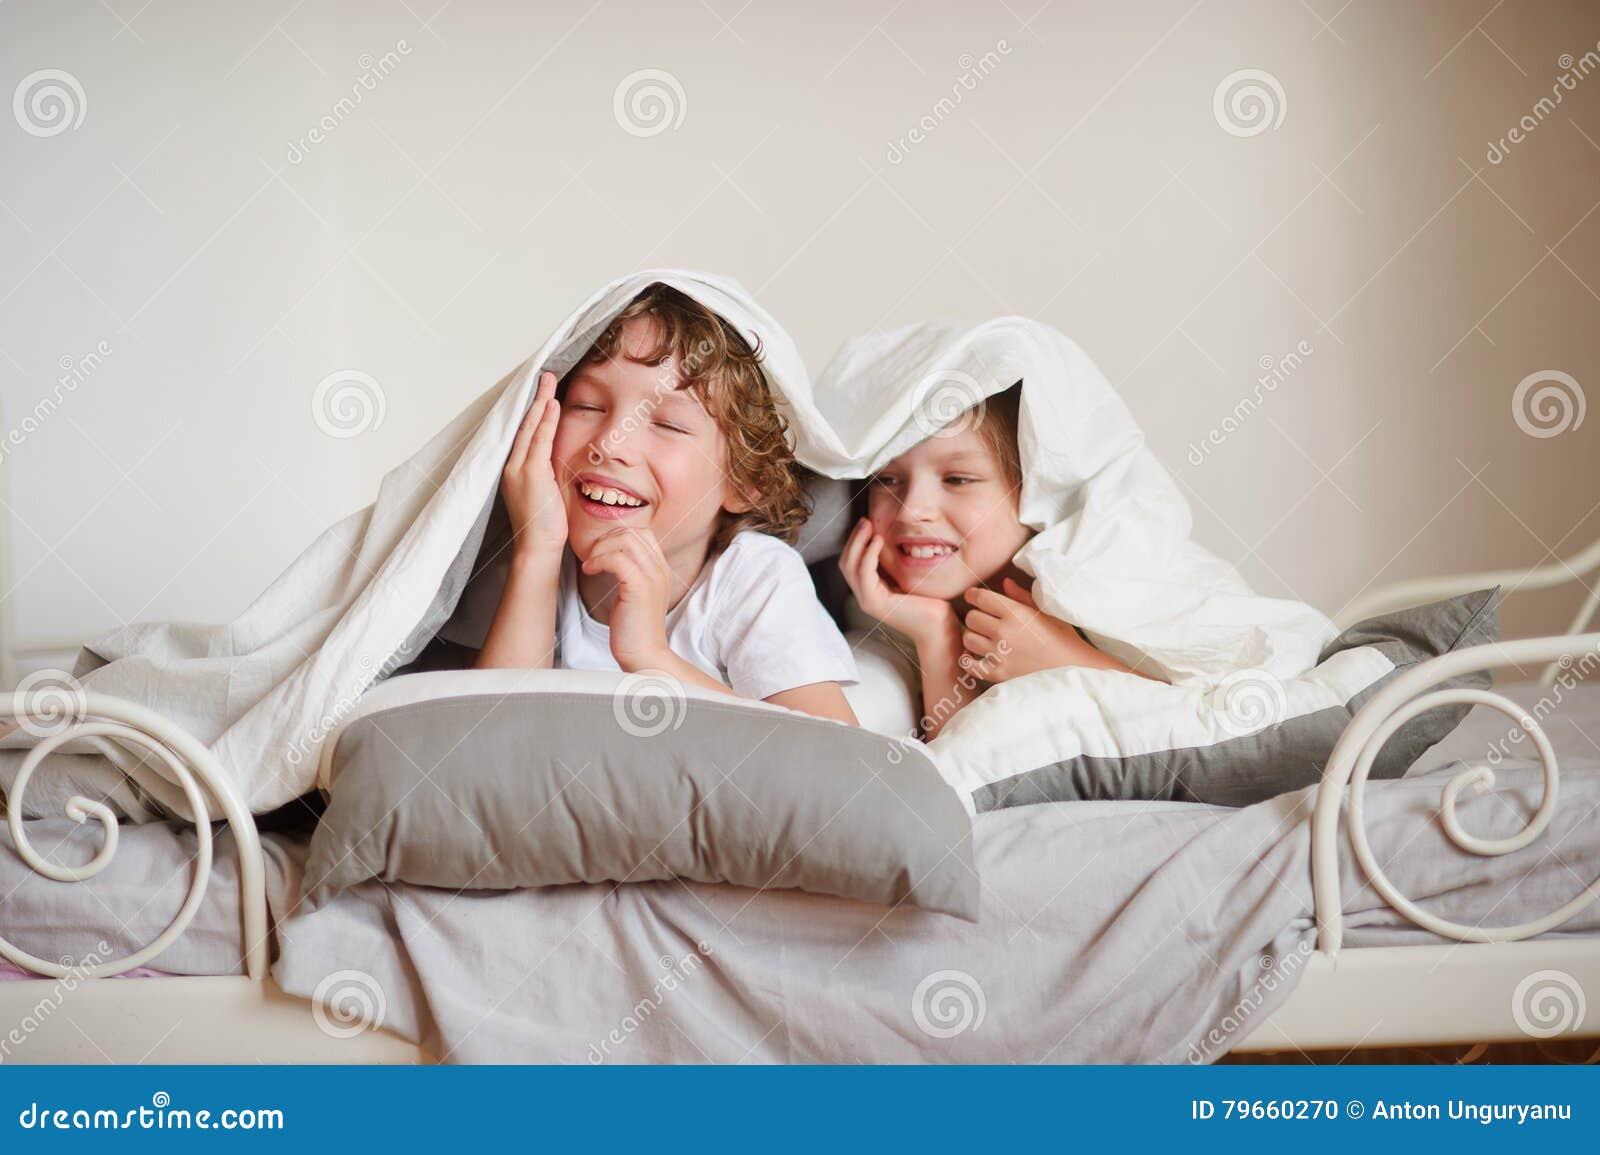 deux enfants fr re et soeur squirmy sur le lit dans la chambre coucher photo stock image. Black Bedroom Furniture Sets. Home Design Ideas